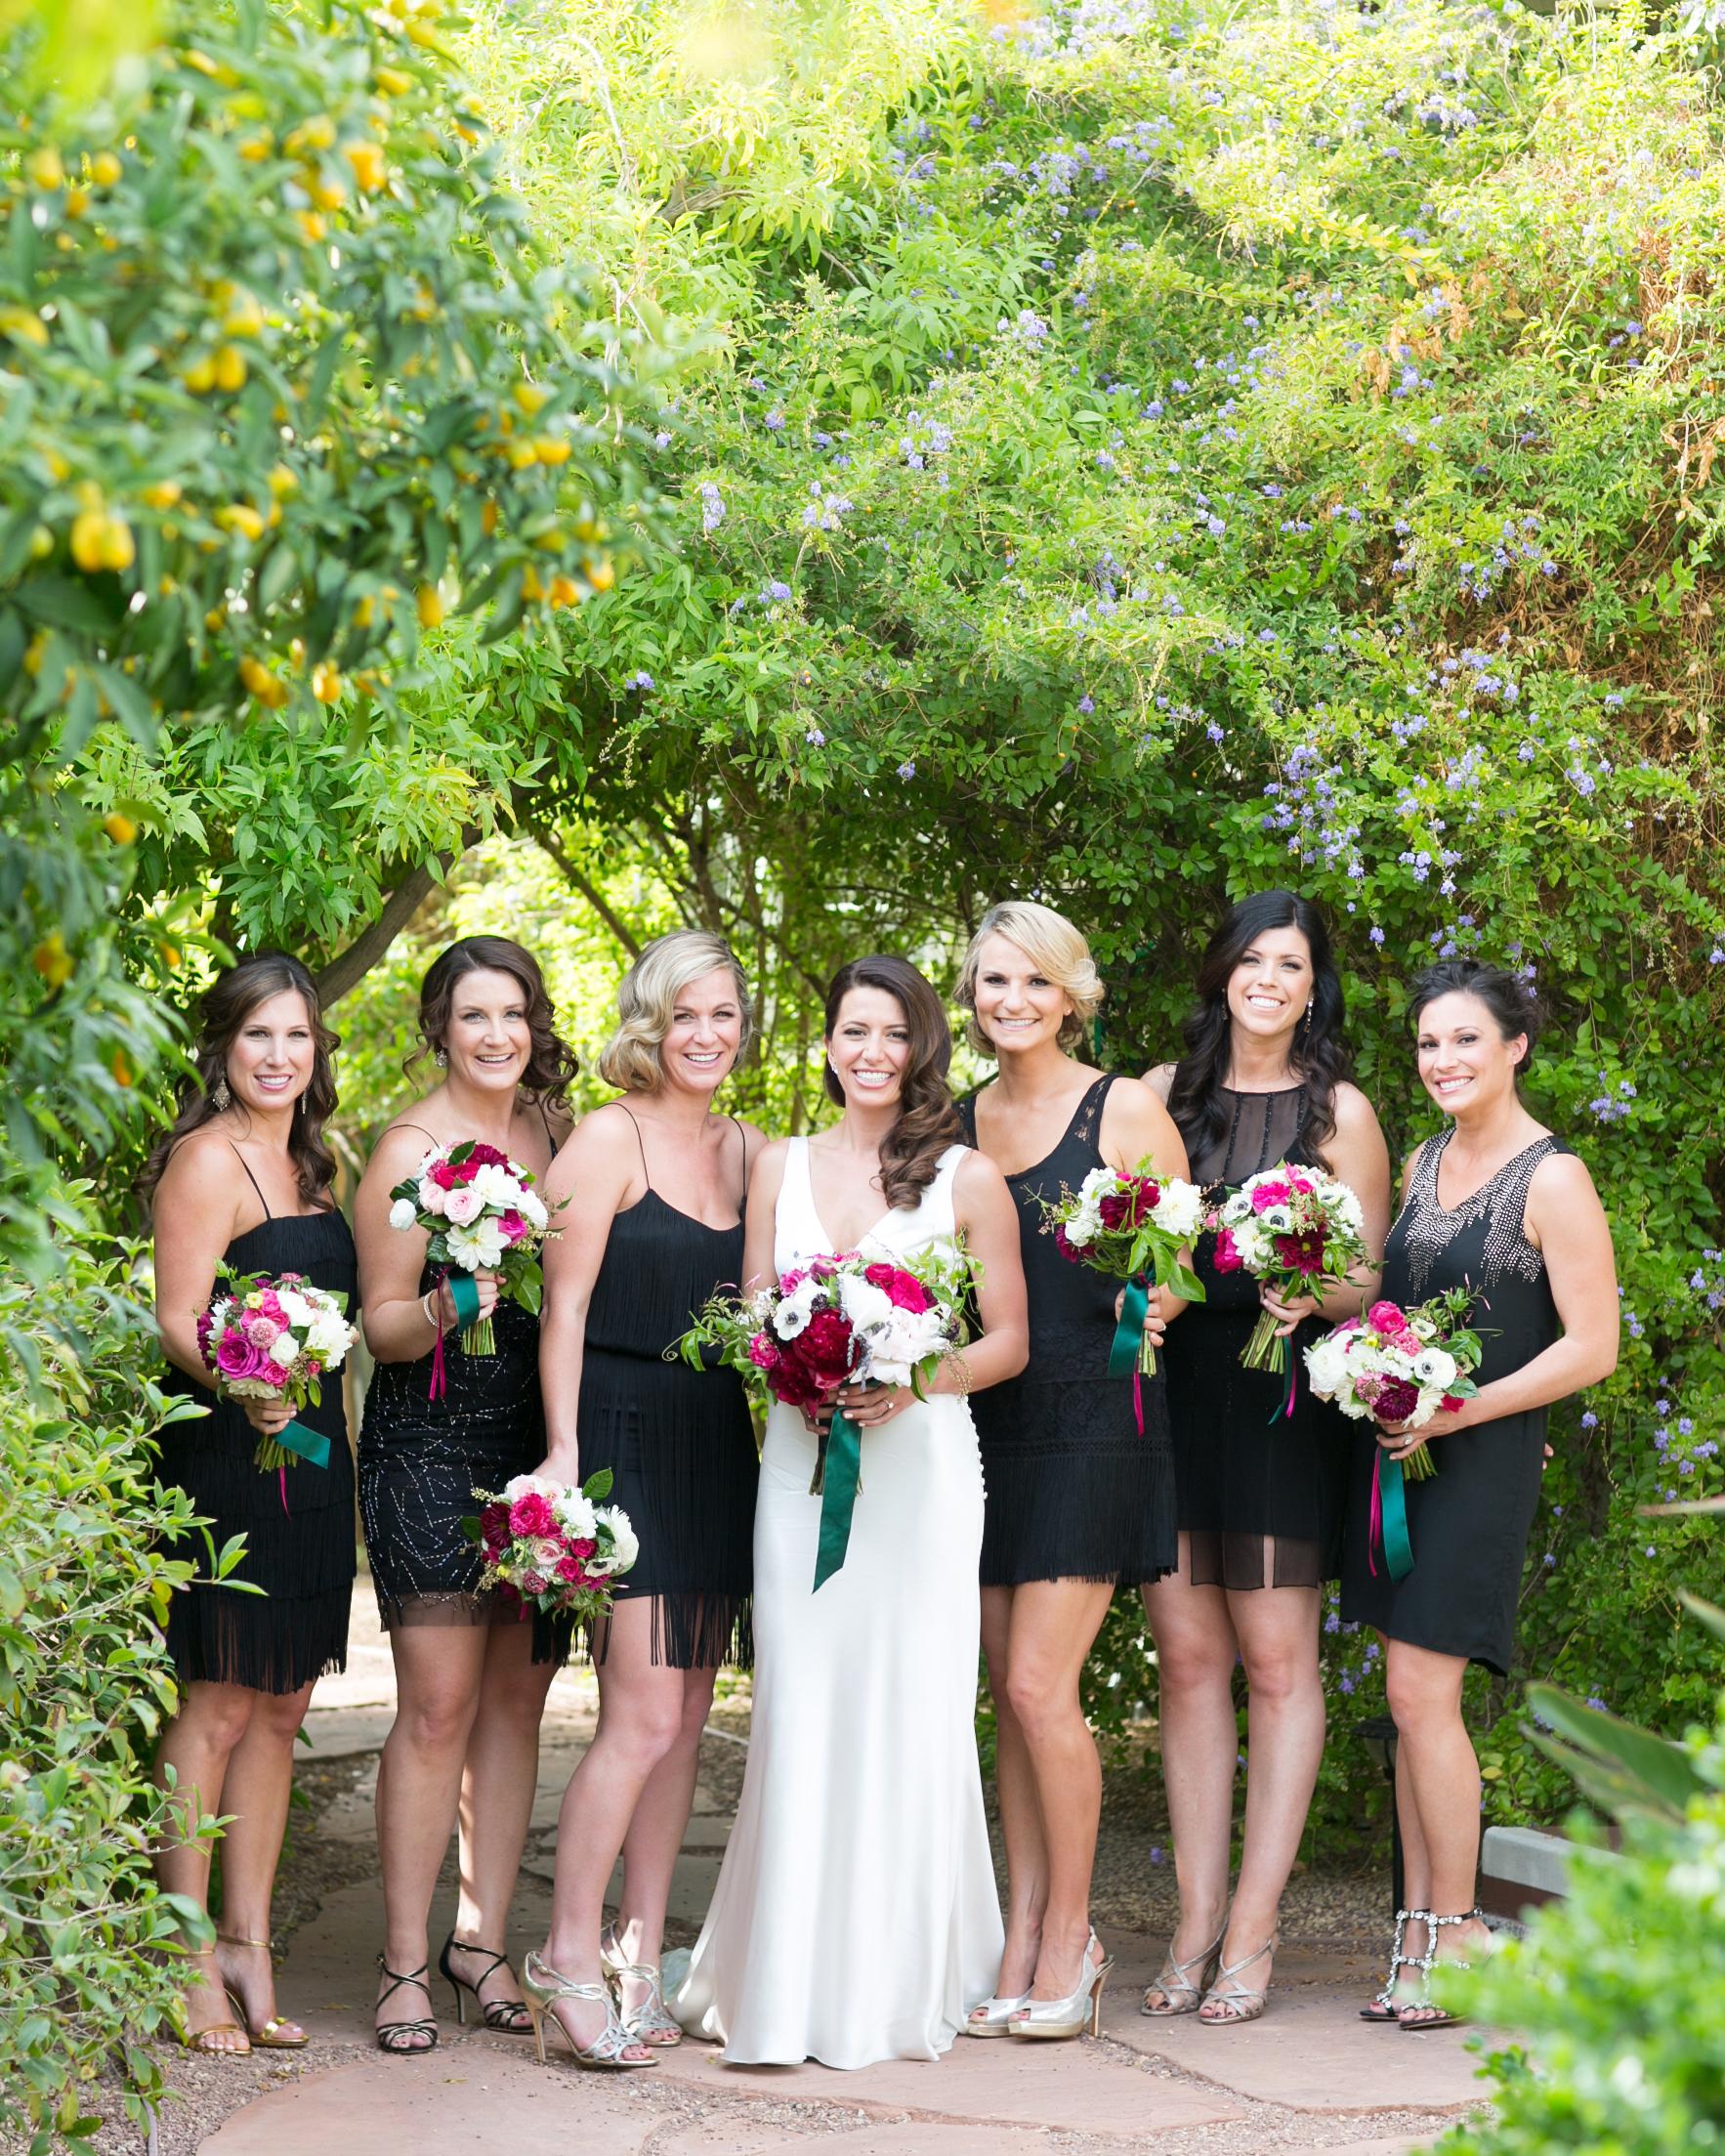 kelly_mike-wedding-bridesmaids-0514.jpg